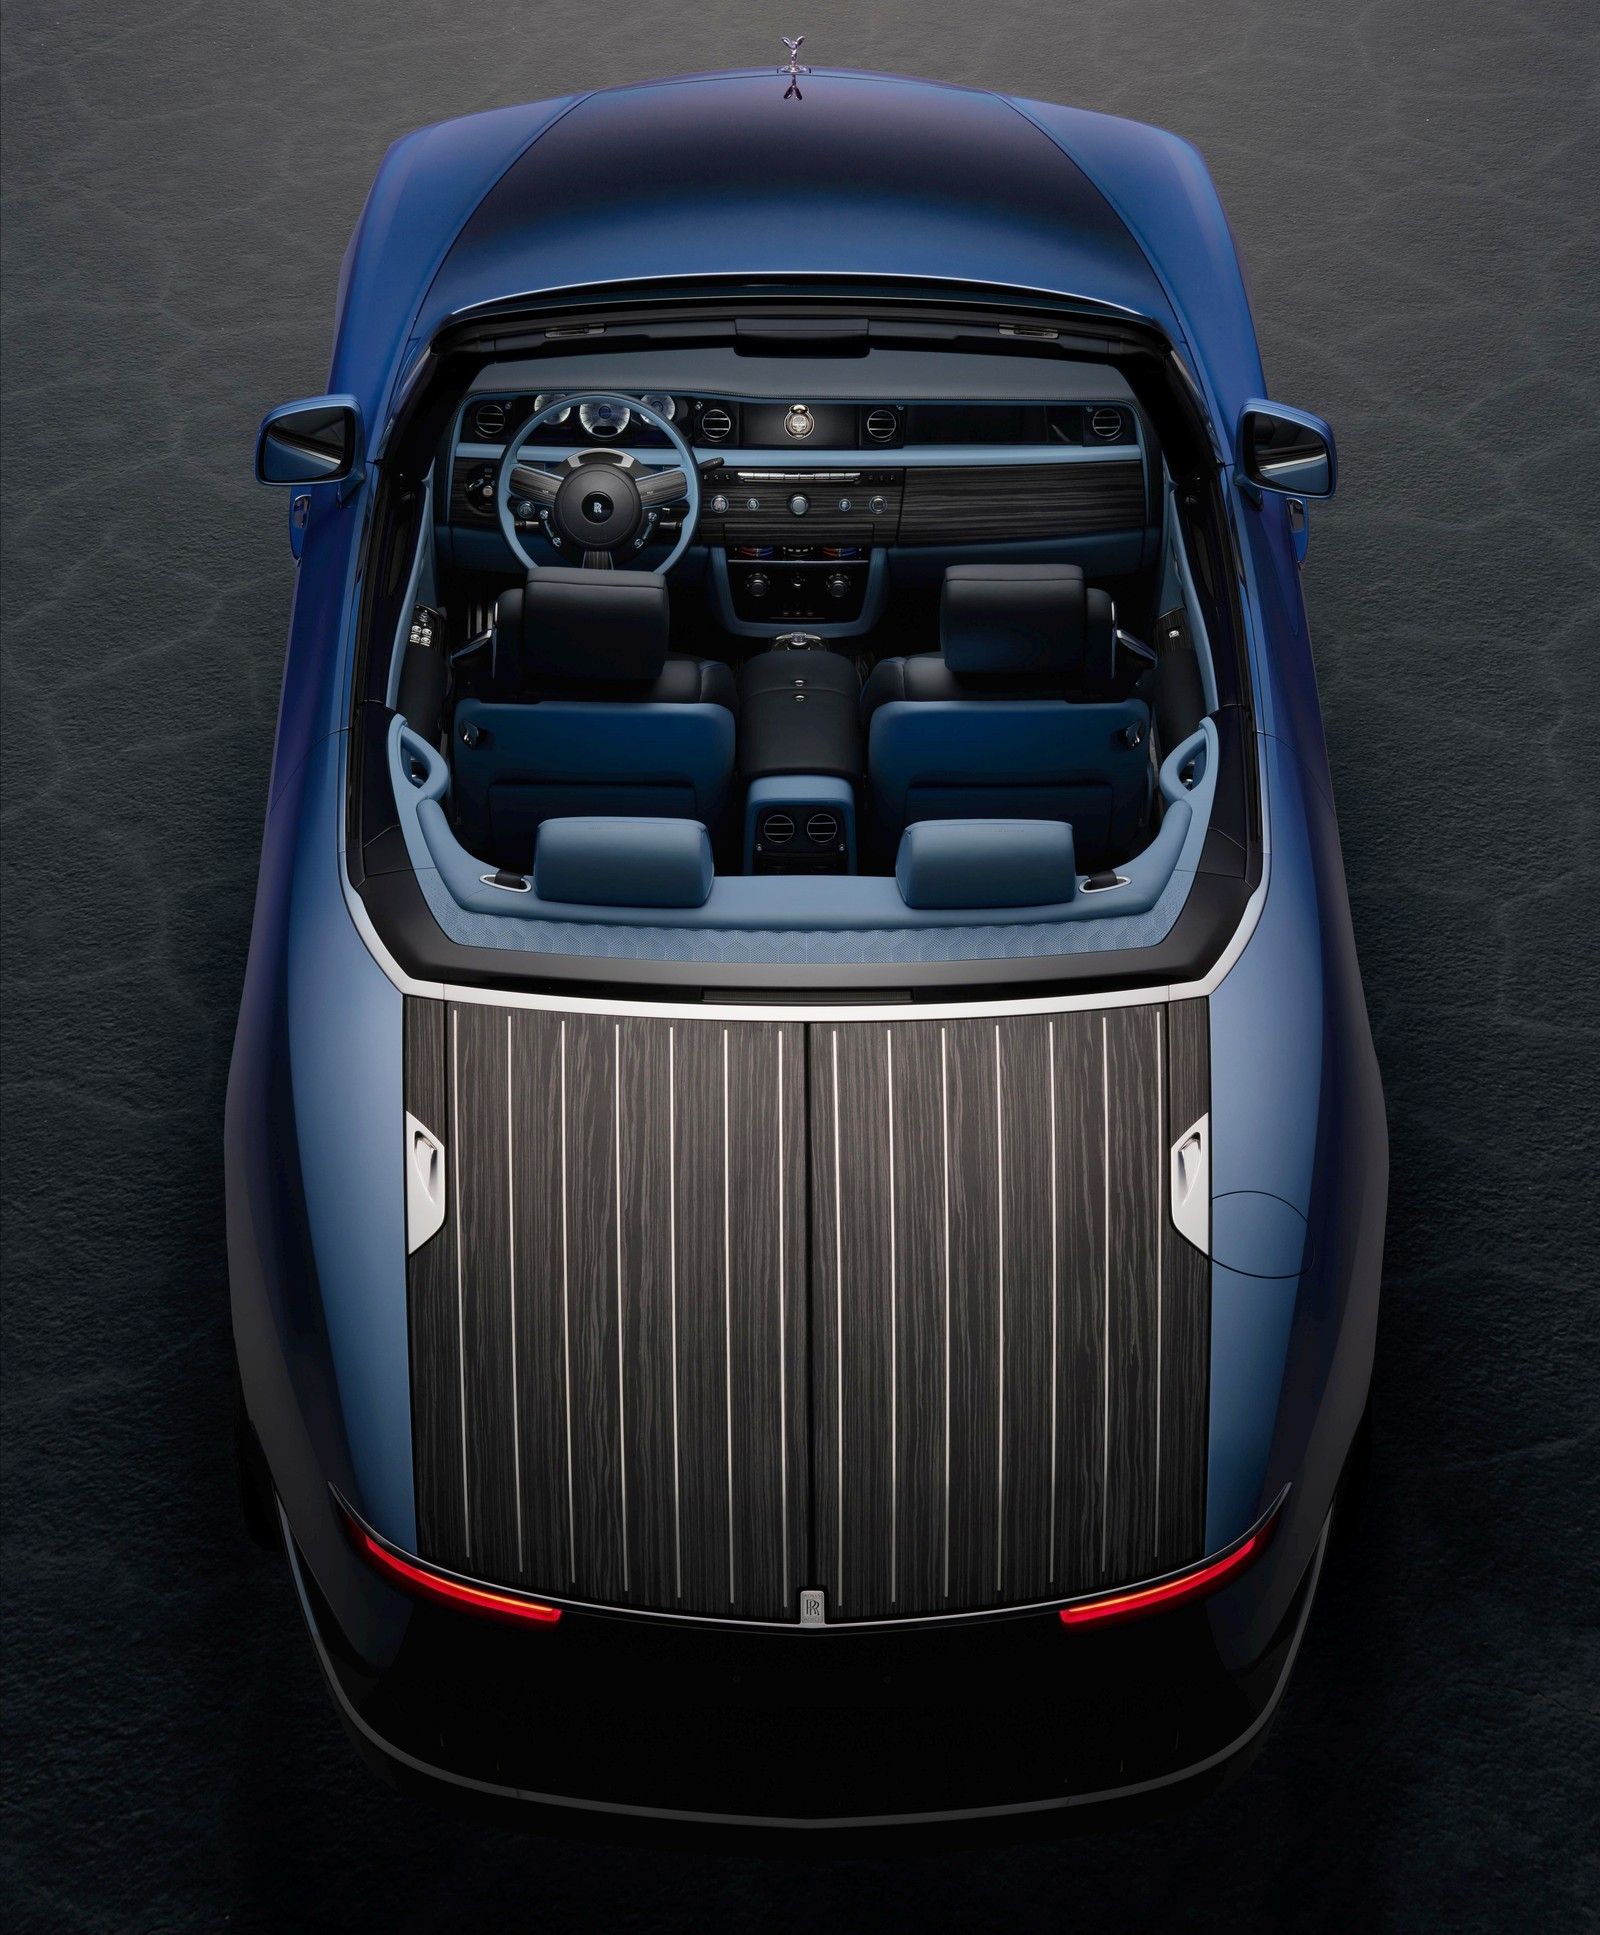 Бросить якорь и откупорить бутылки: Rolls-Royce представил уникальный кабриолет Boat Tail